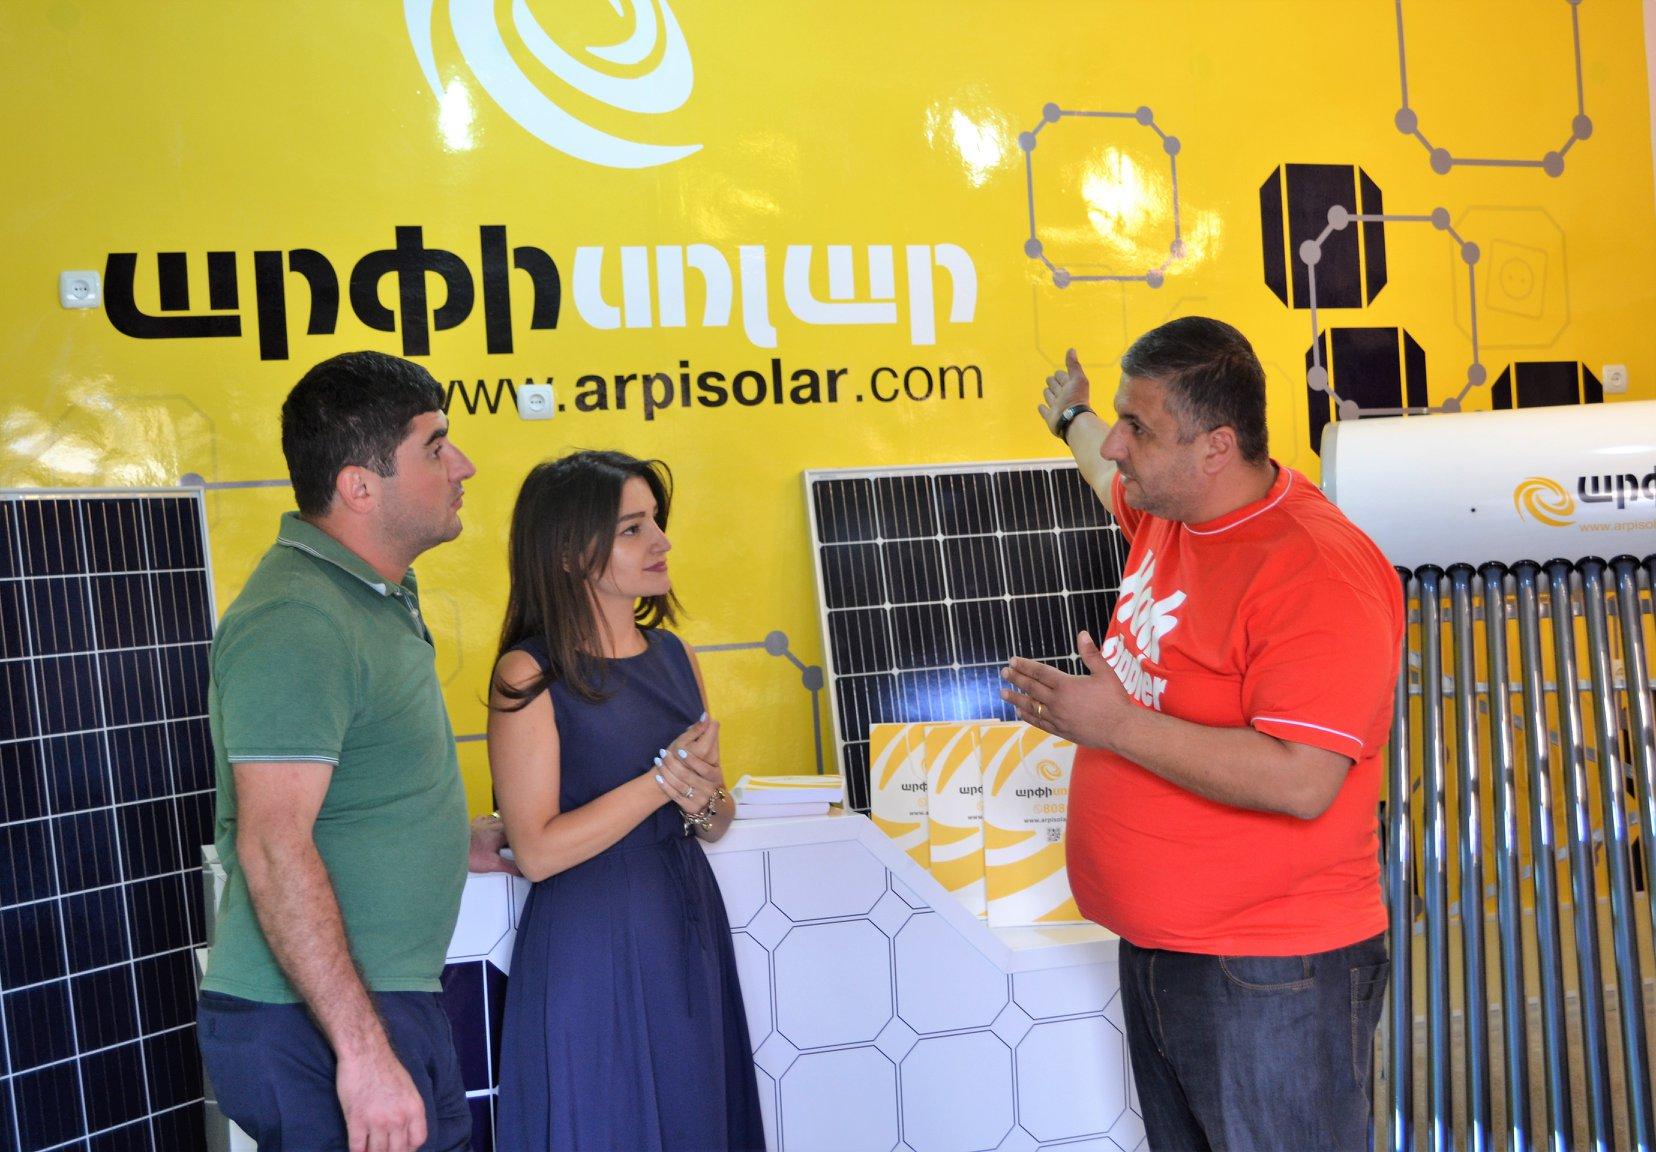 «Արփի Սոլար» ընկերությունը բացել է իր առաջին արևային էներգիայի իրազեկման կենտրոնը Լոռու մարզում